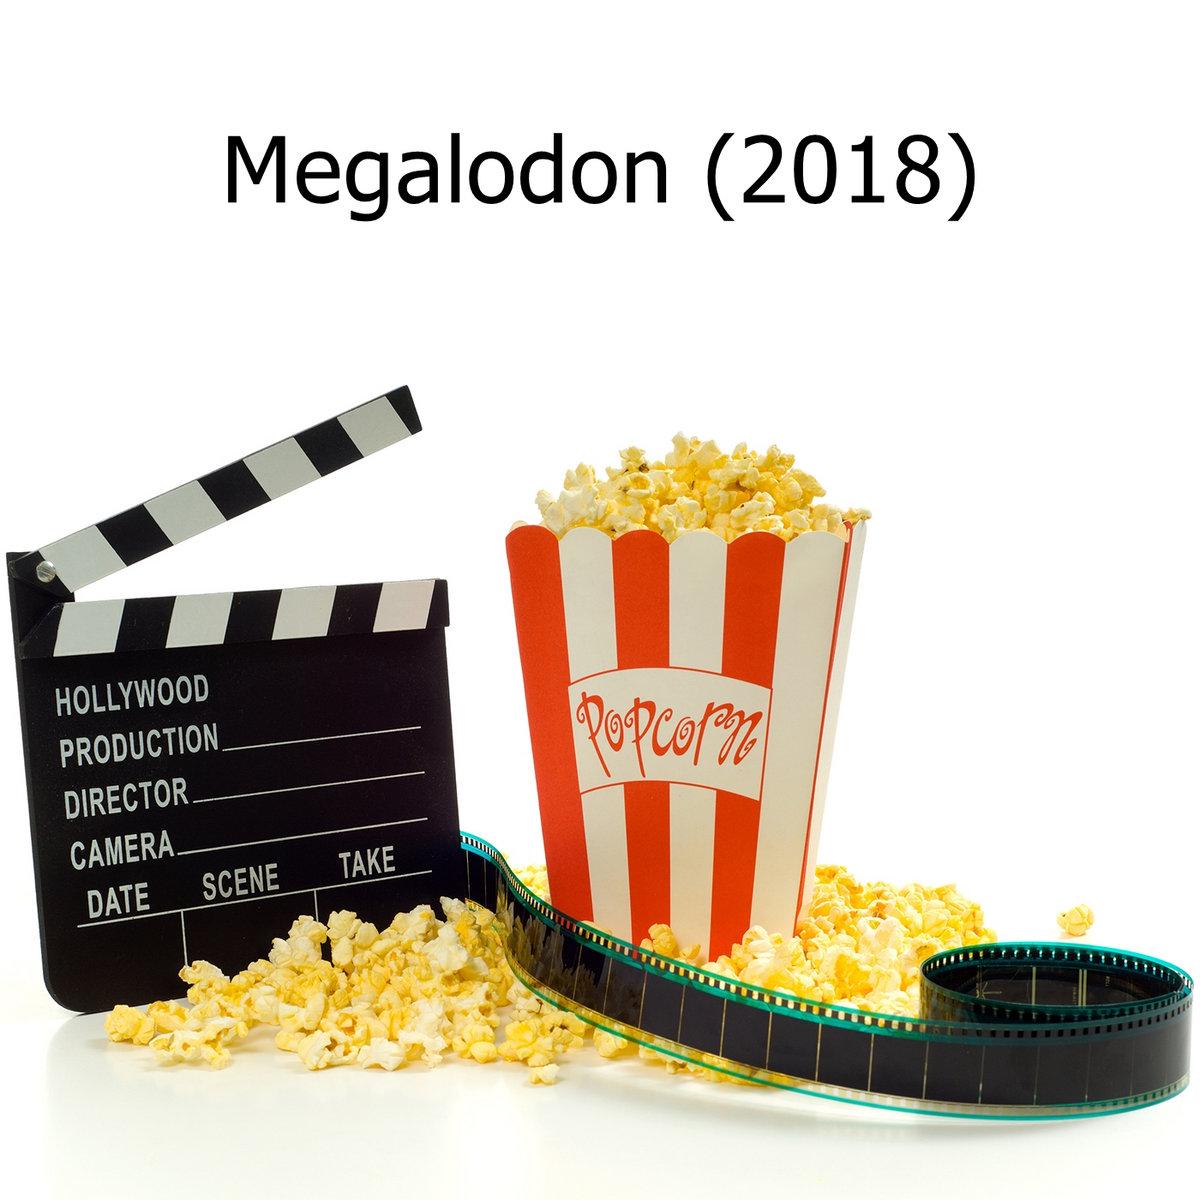 baixar megalodon torrent magnet